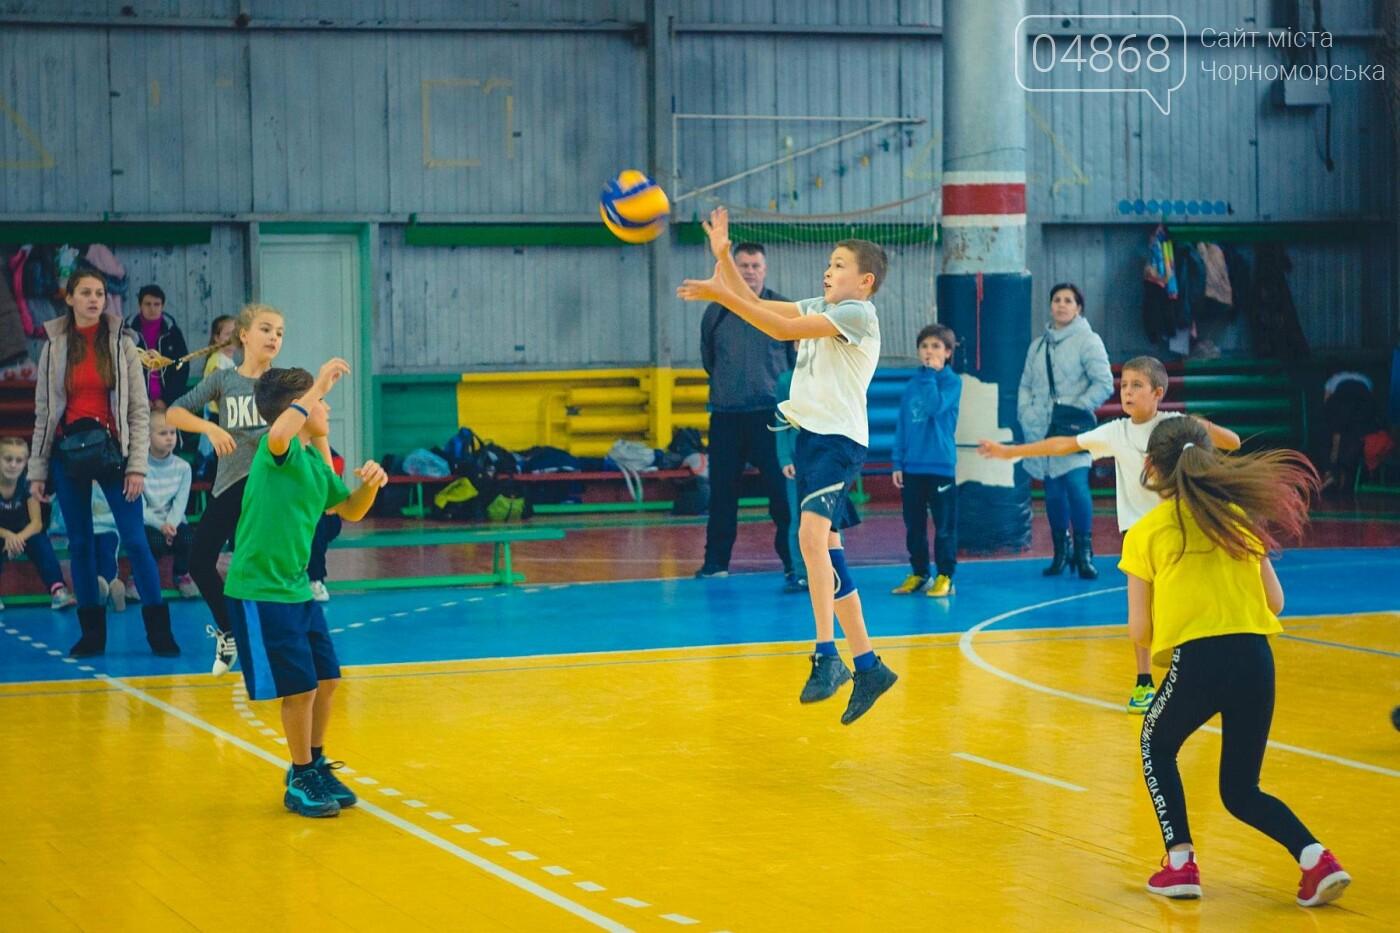 В Черноморске прошли школьные соревнования по мини-волейболу, фото-2